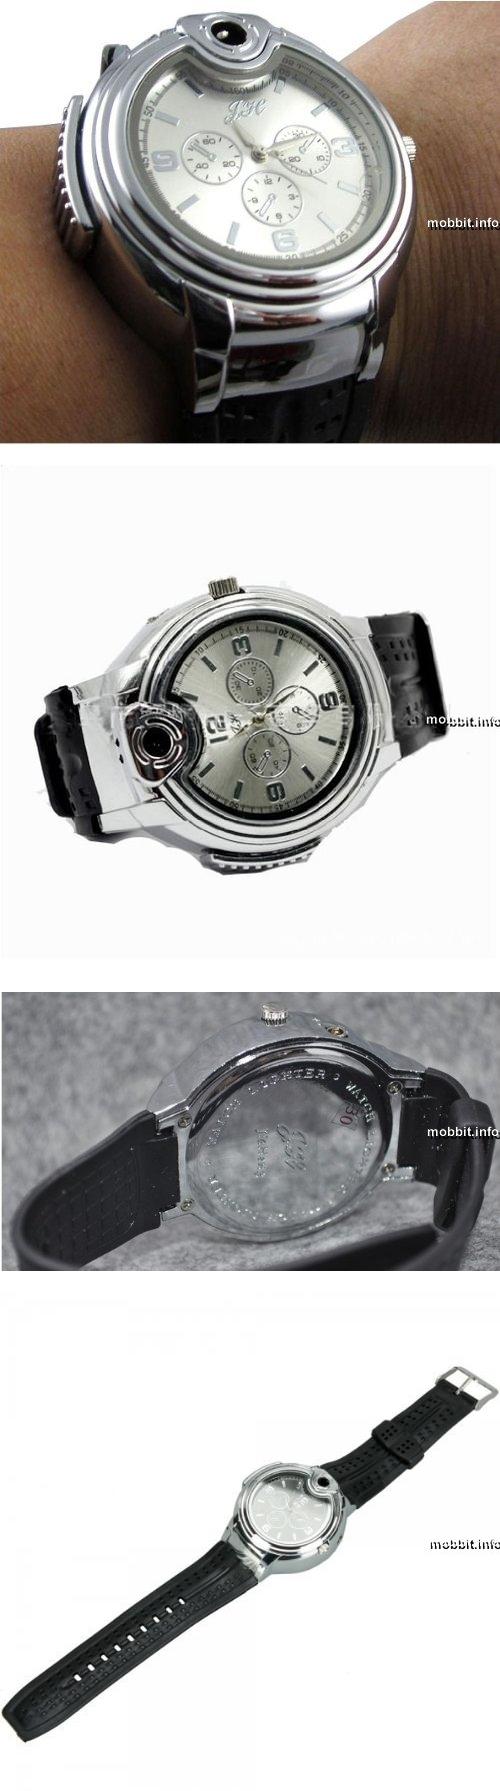 Наручные часы и зажигалка в одном